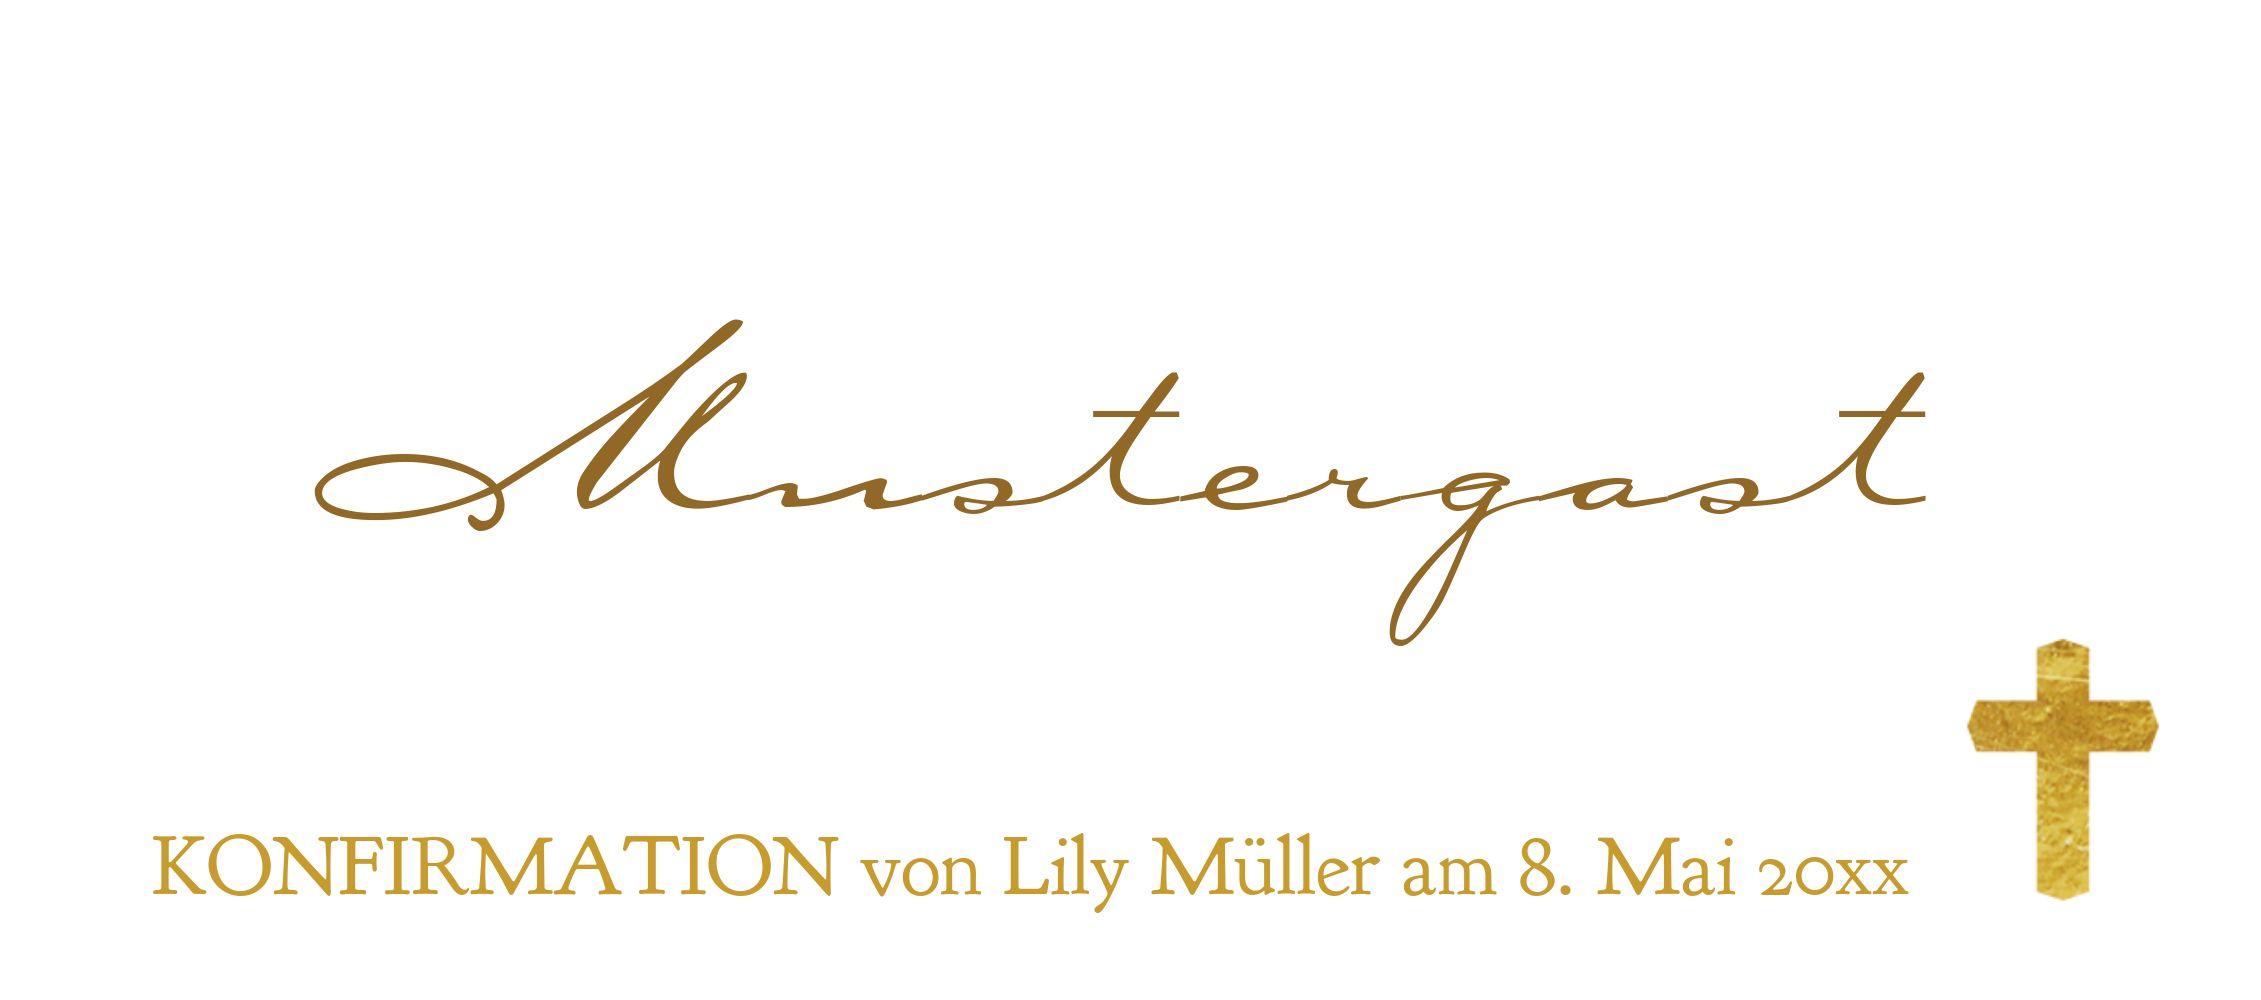 Ansicht 3 - Konfirmation Tischkarte Goldrausch